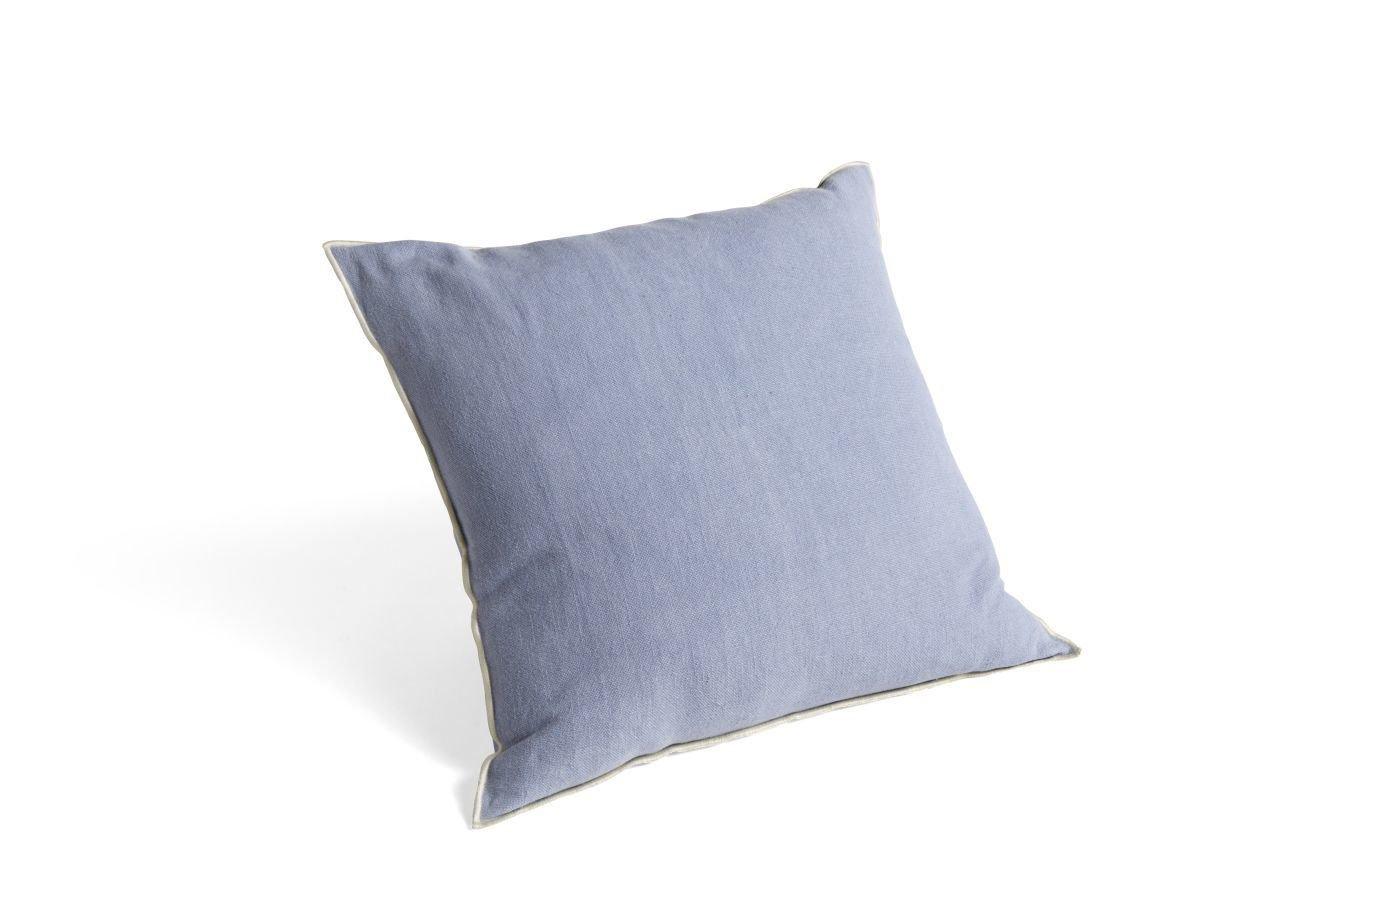 HAY - Outline Cushion, 50 x 50 cm, Ice blue